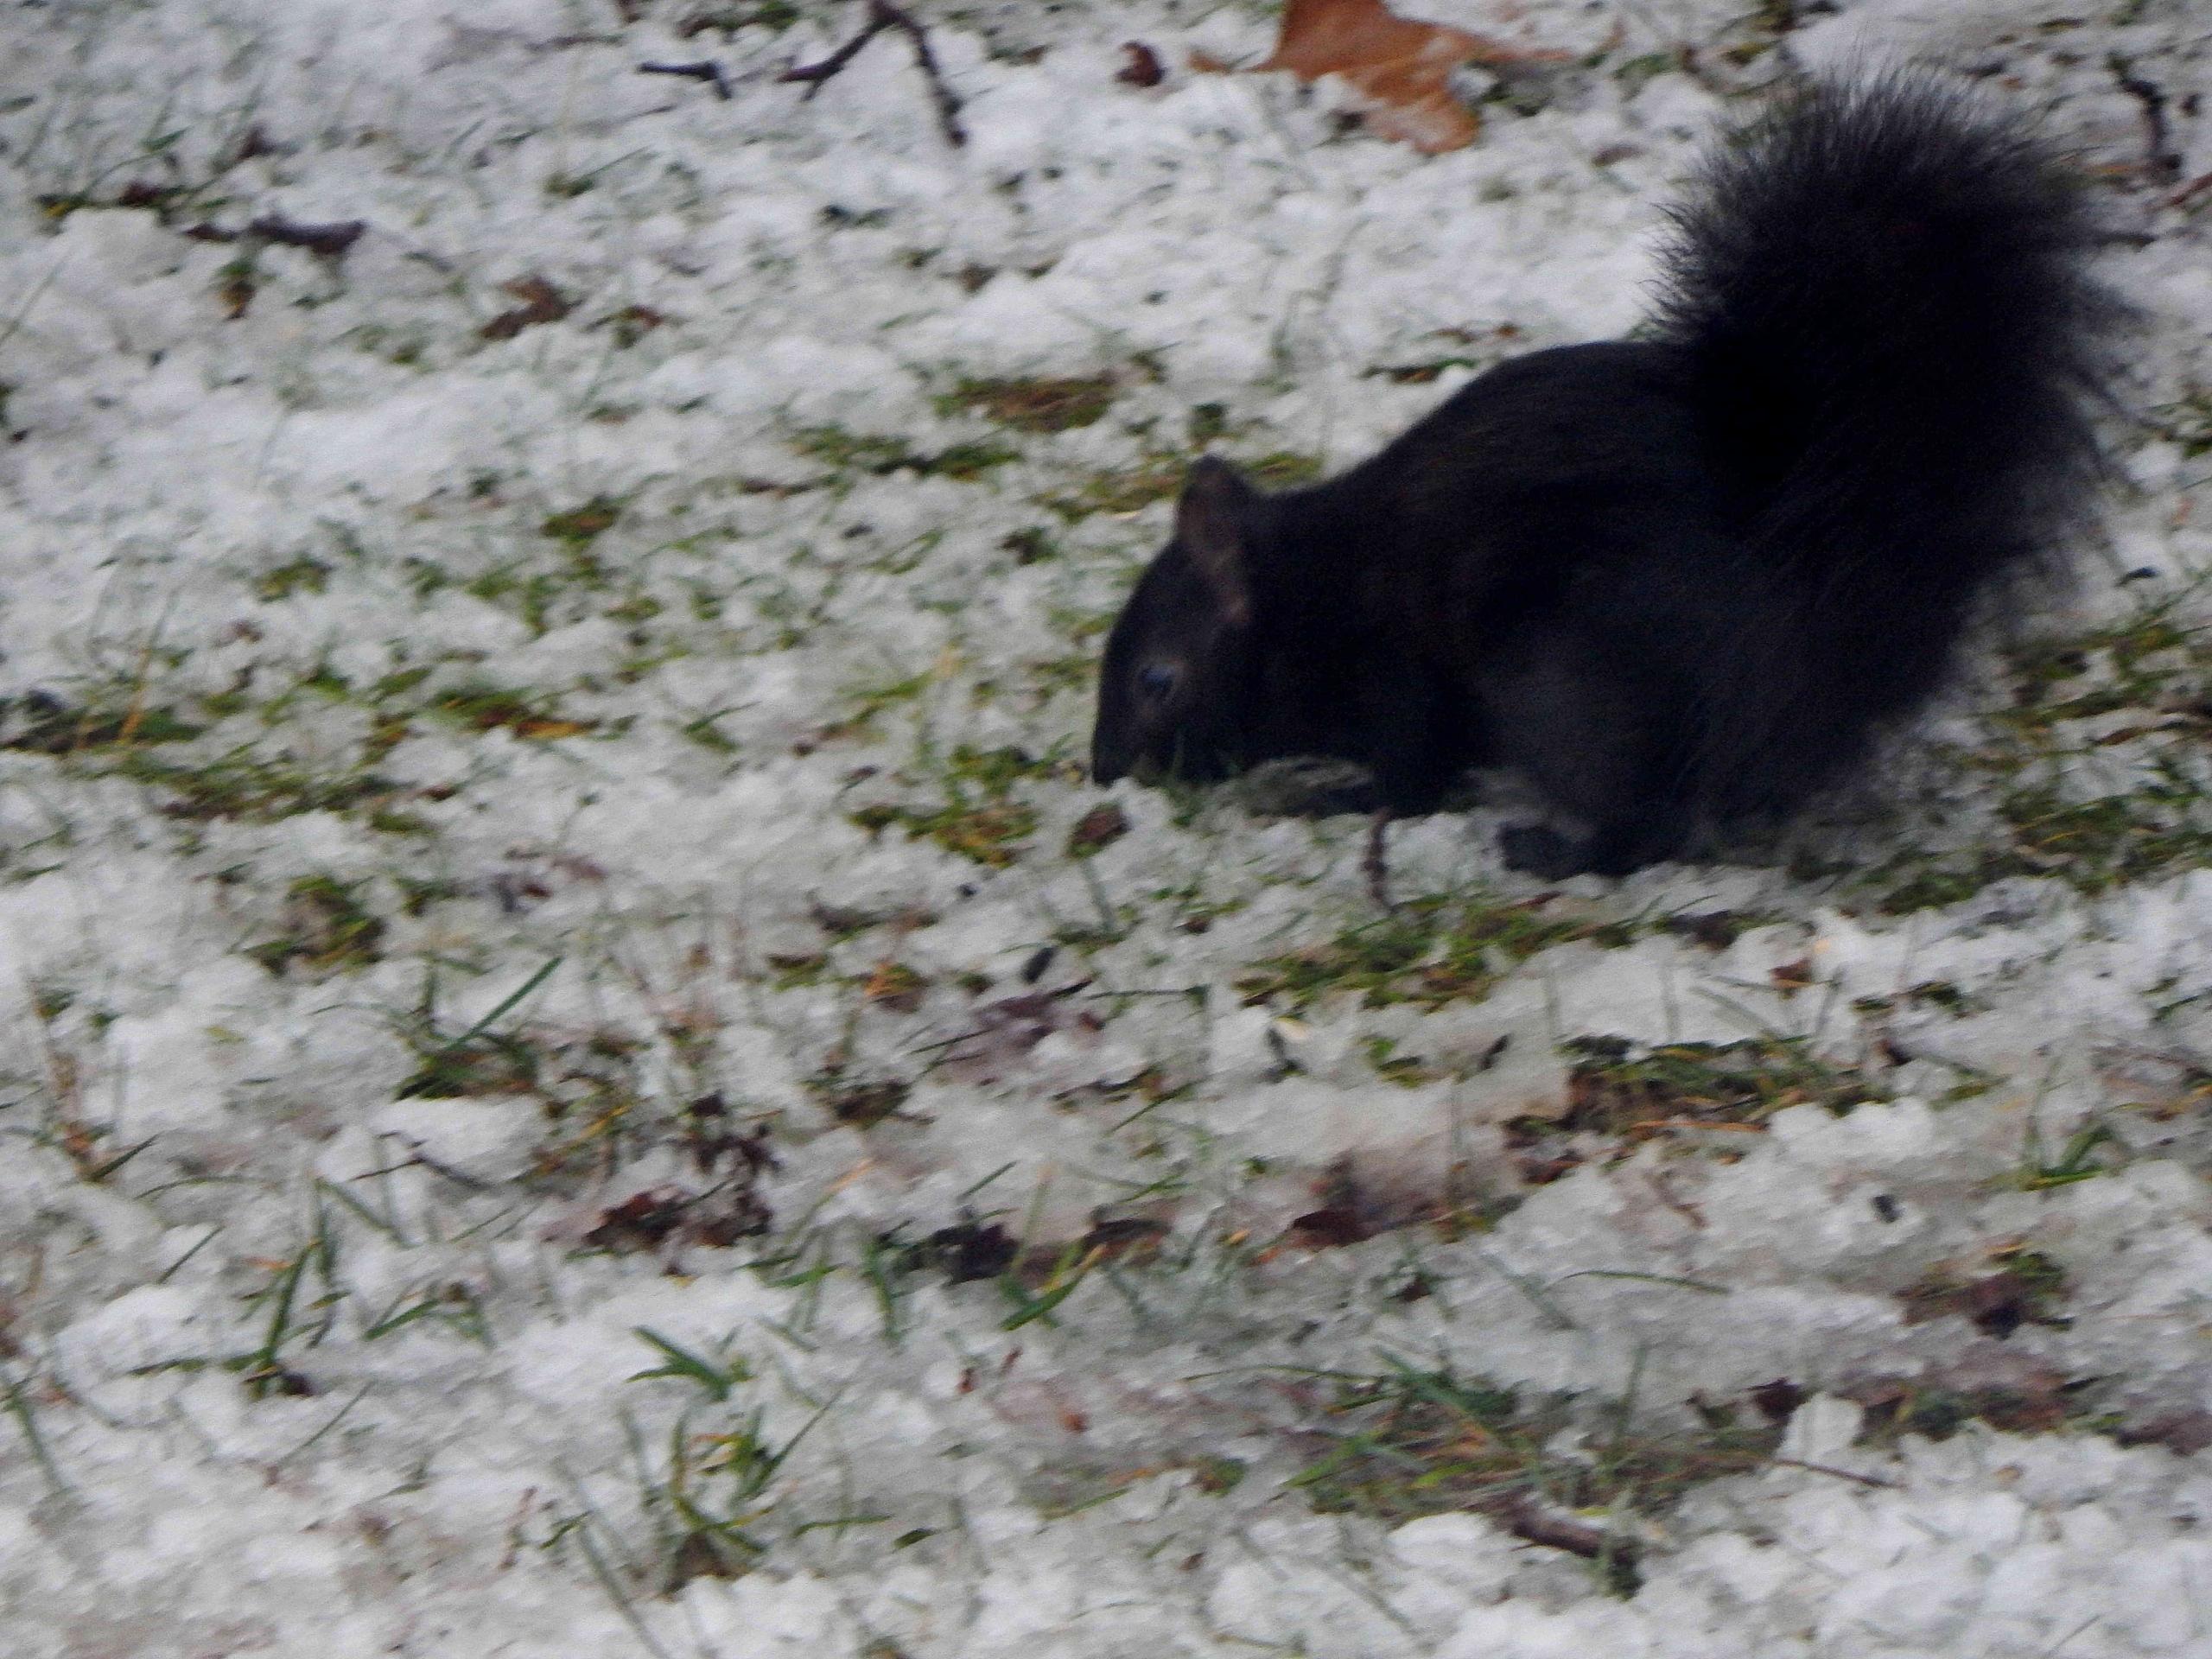 Black Squirrel in Ohio Norma 12-20-2020